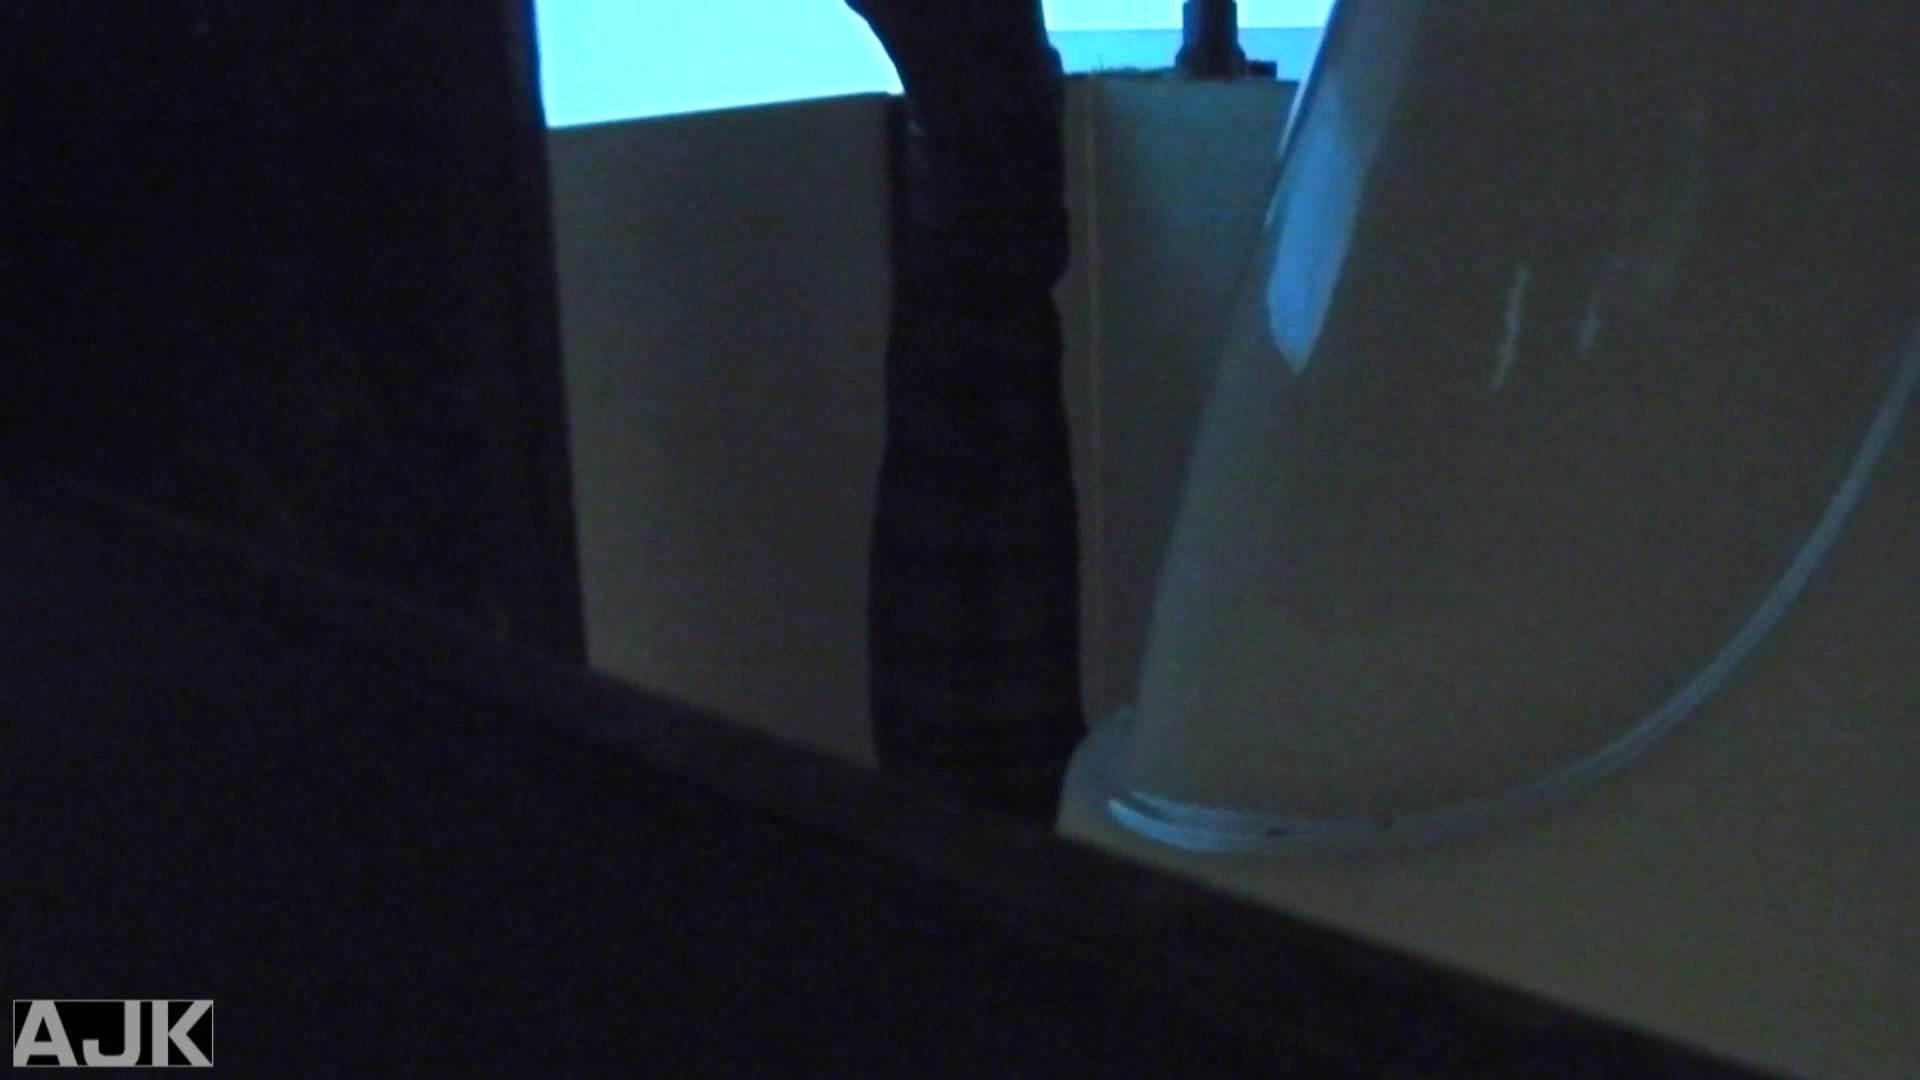 神降臨!史上最強の潜入かわや! vol.22 オマンコ 盗撮セックス無修正動画無料 98連発 6